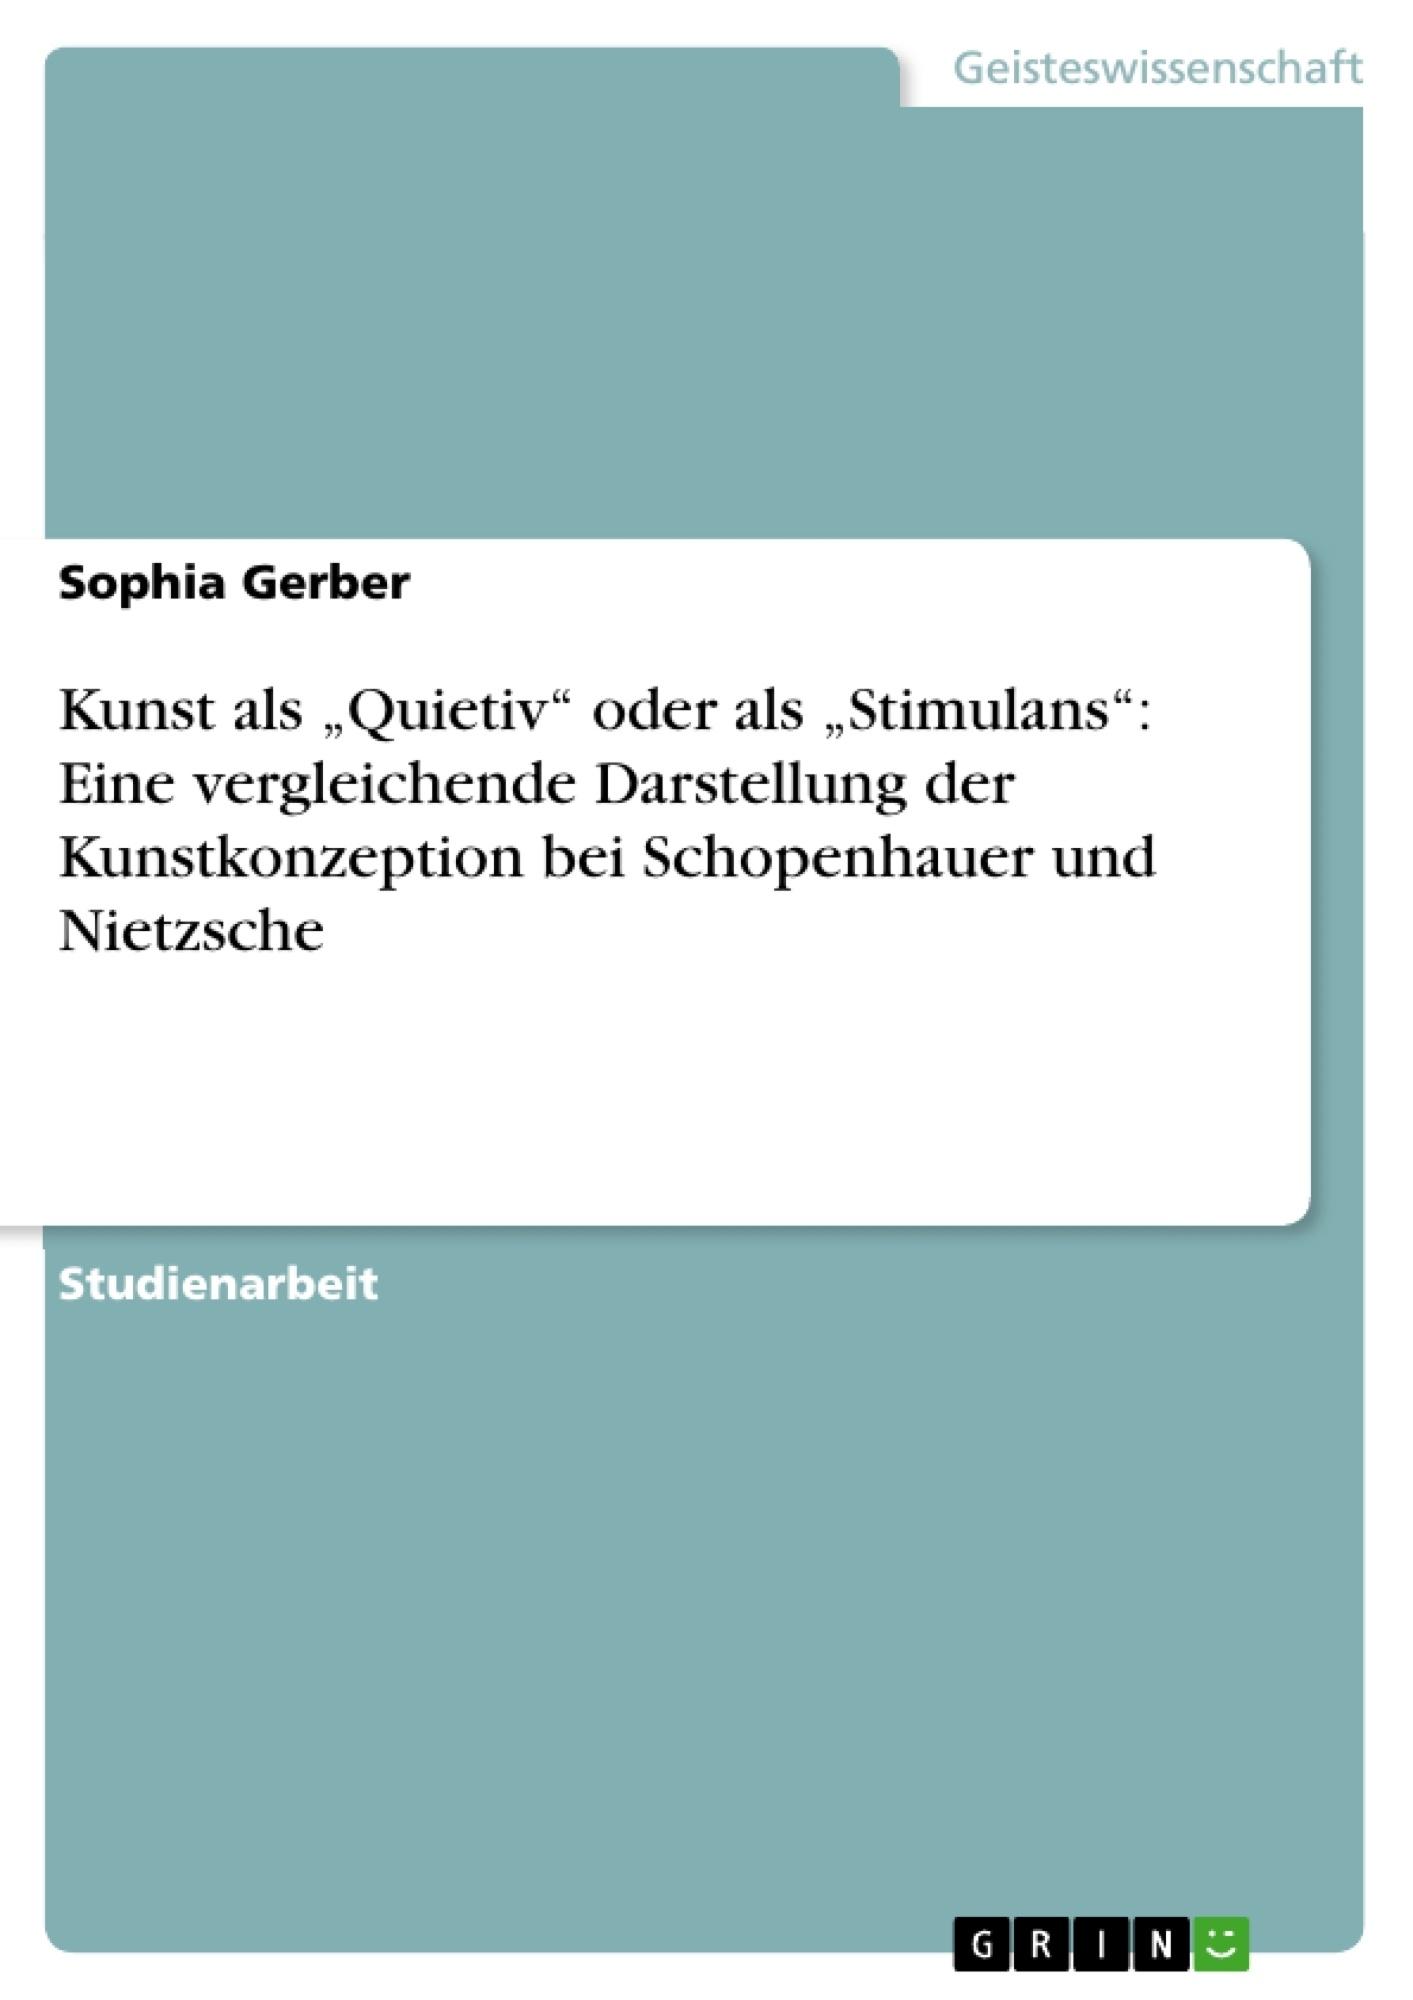 """Titel: Kunst als """"Quietiv"""" oder als """"Stimulans"""": Eine vergleichende Darstellung der Kunstkonzeption bei Schopenhauer und Nietzsche"""